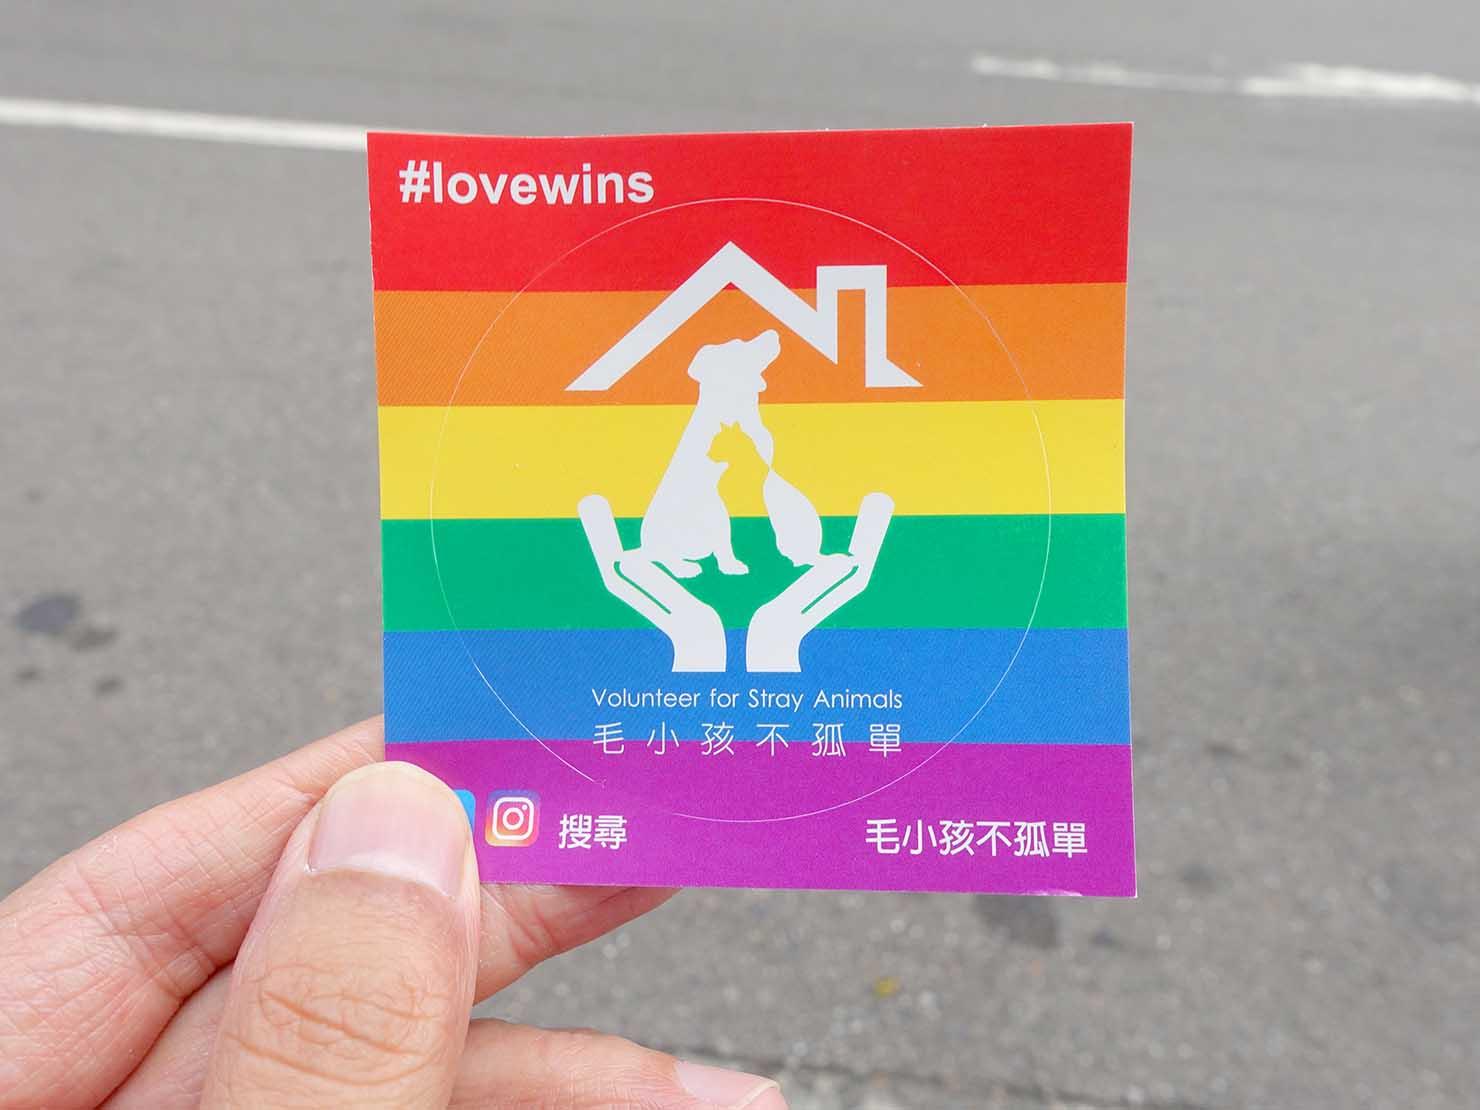 台灣同志遊行(台湾LGBTプライド)2019のパレードで配布されたペット啓発グループのステッカー